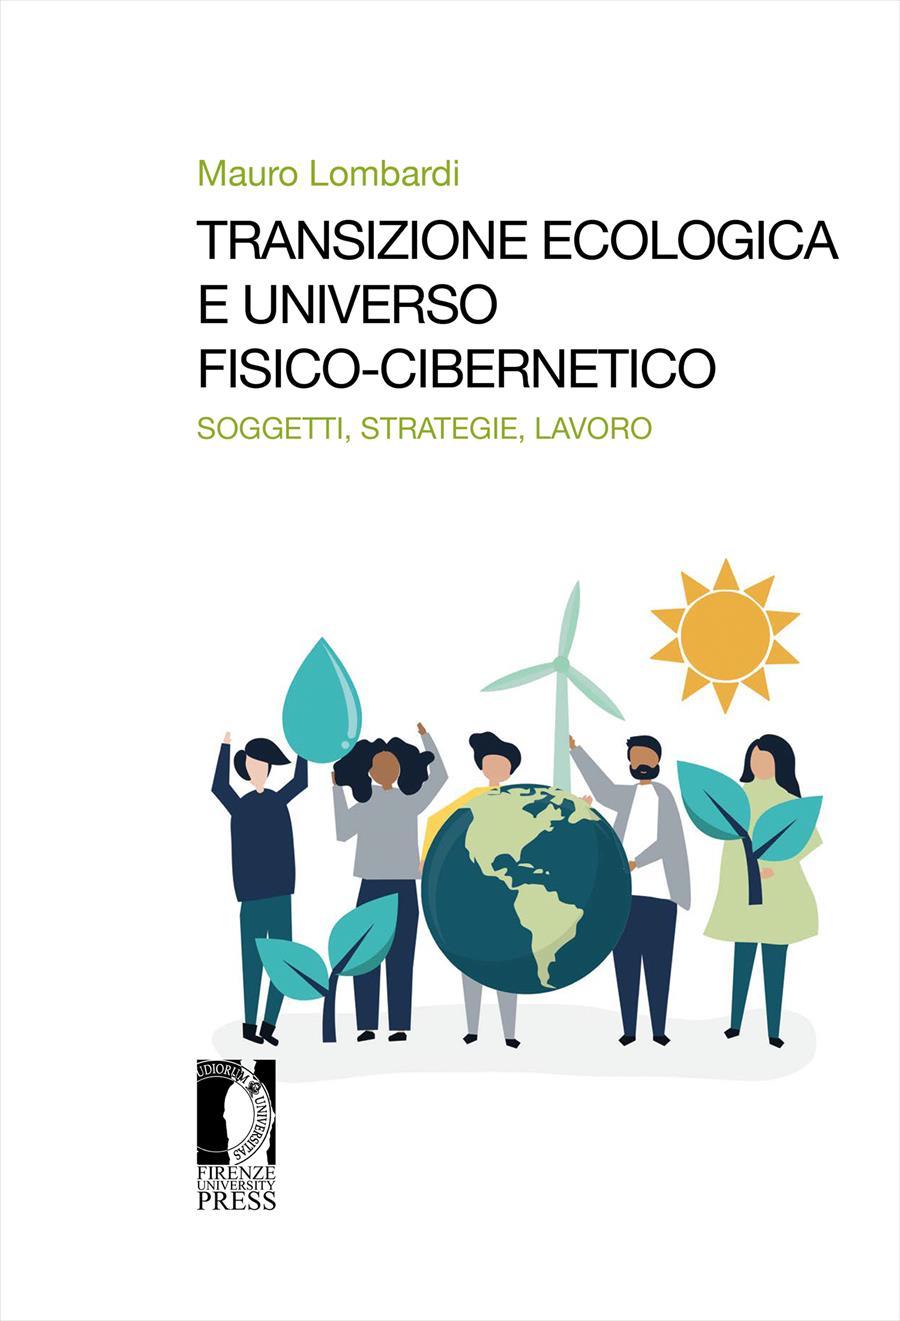 Transizione ecologica e universo fisico-cibernetico